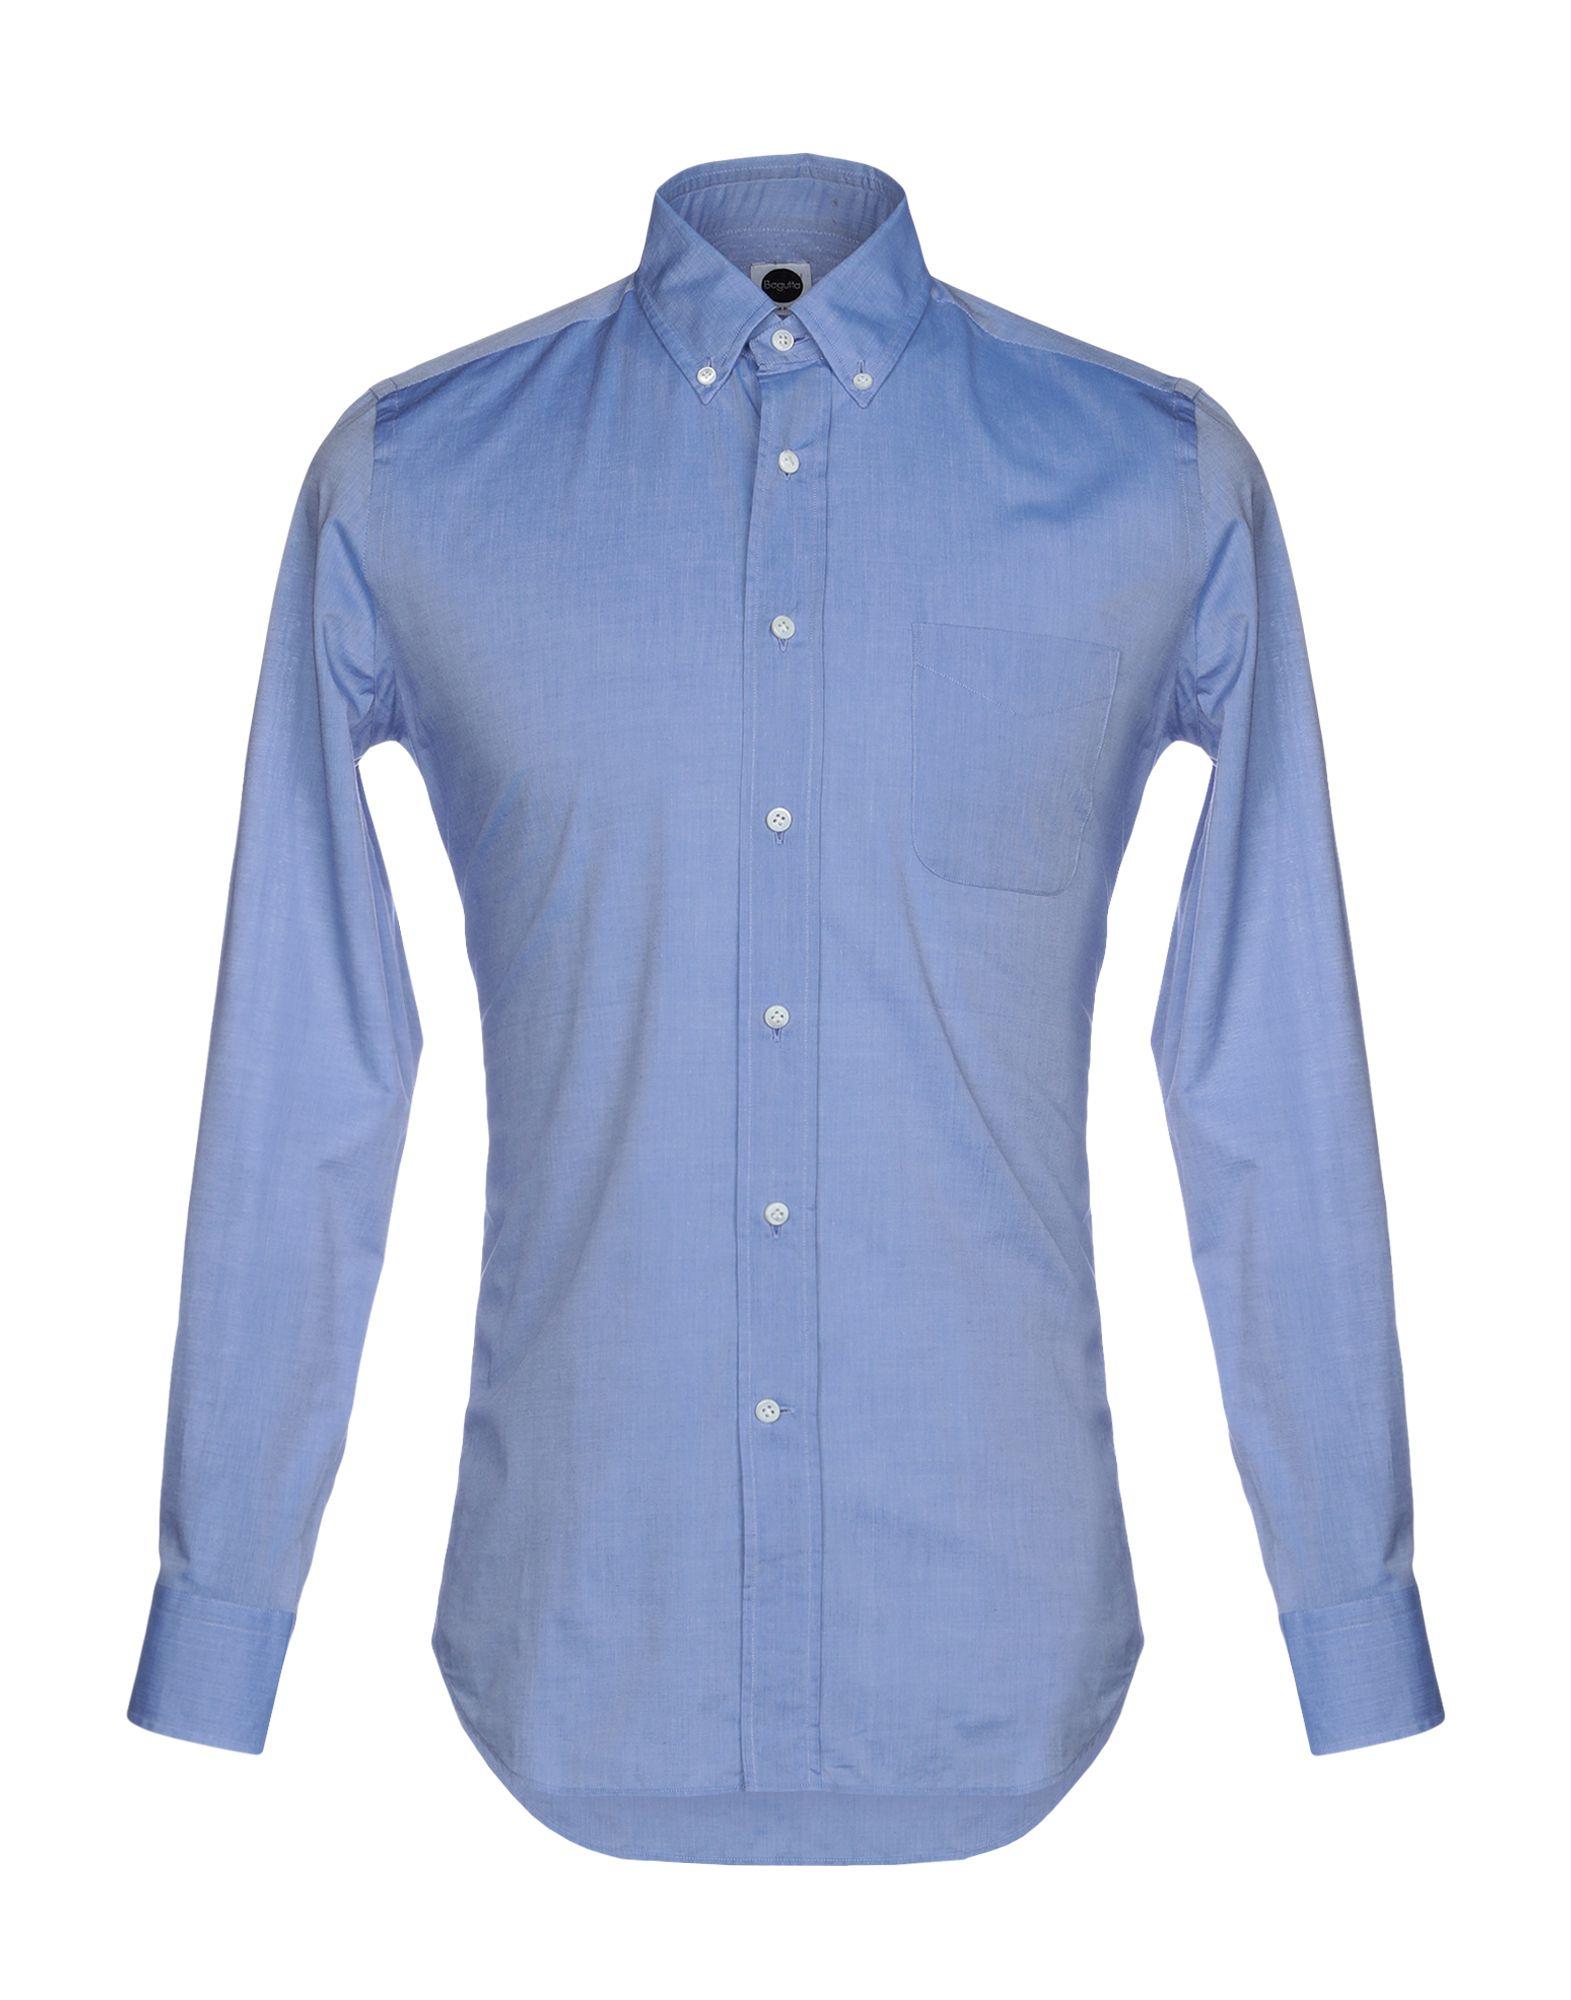 《送料無料》BAGUTTA メンズ シャツ ブルー 37 コットン 100%